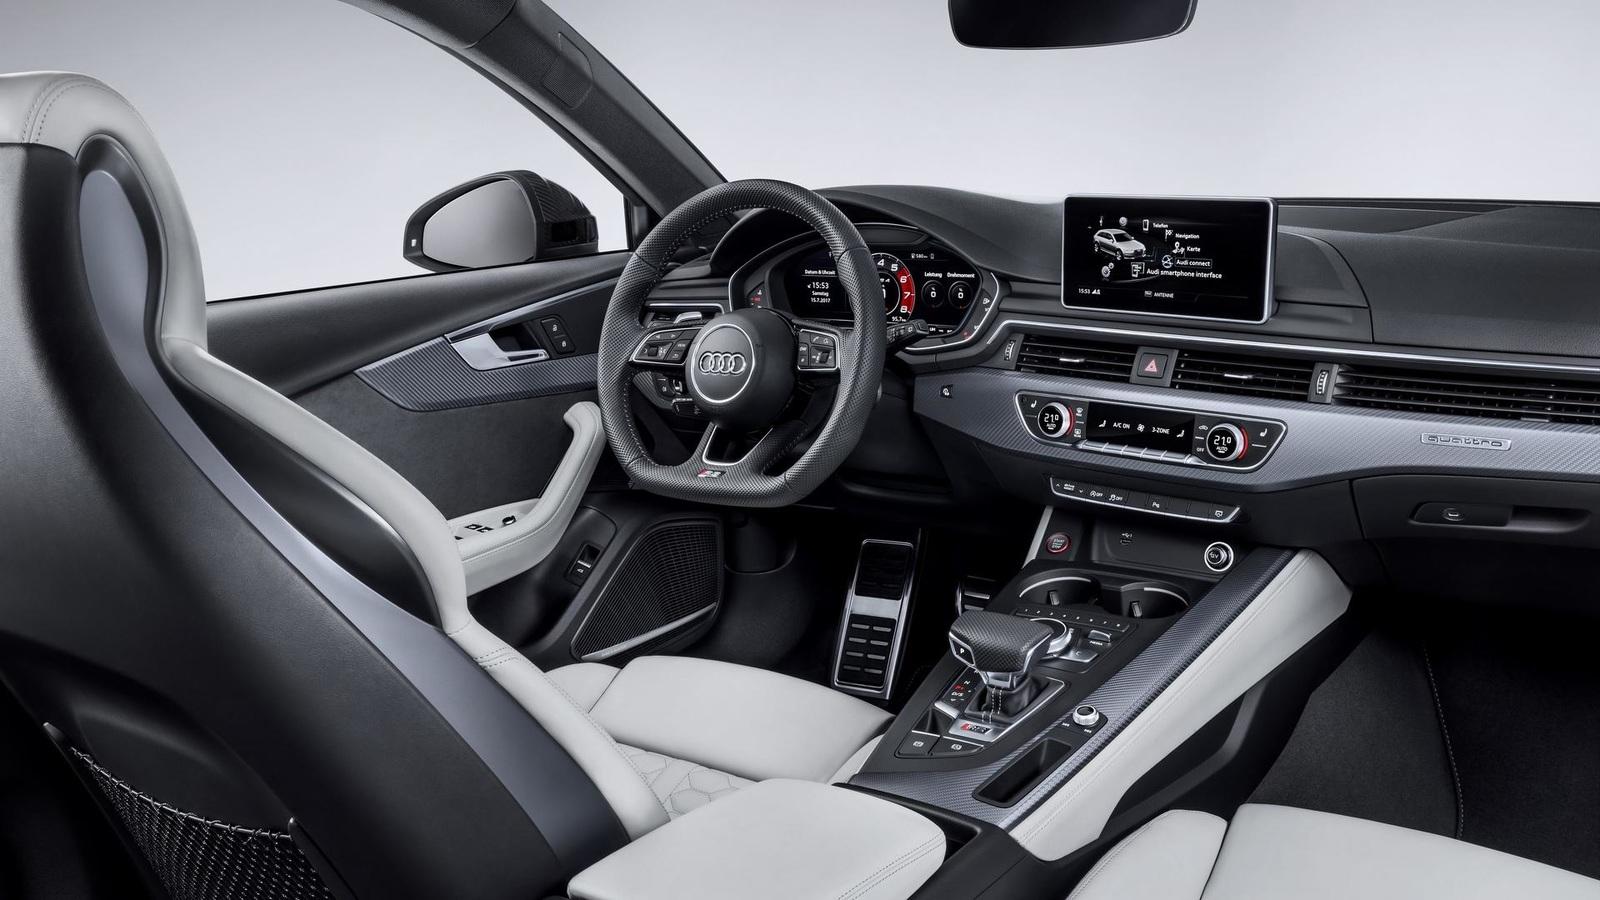 Ауди  RS4 Avant поступает в реализацию . Известна цена